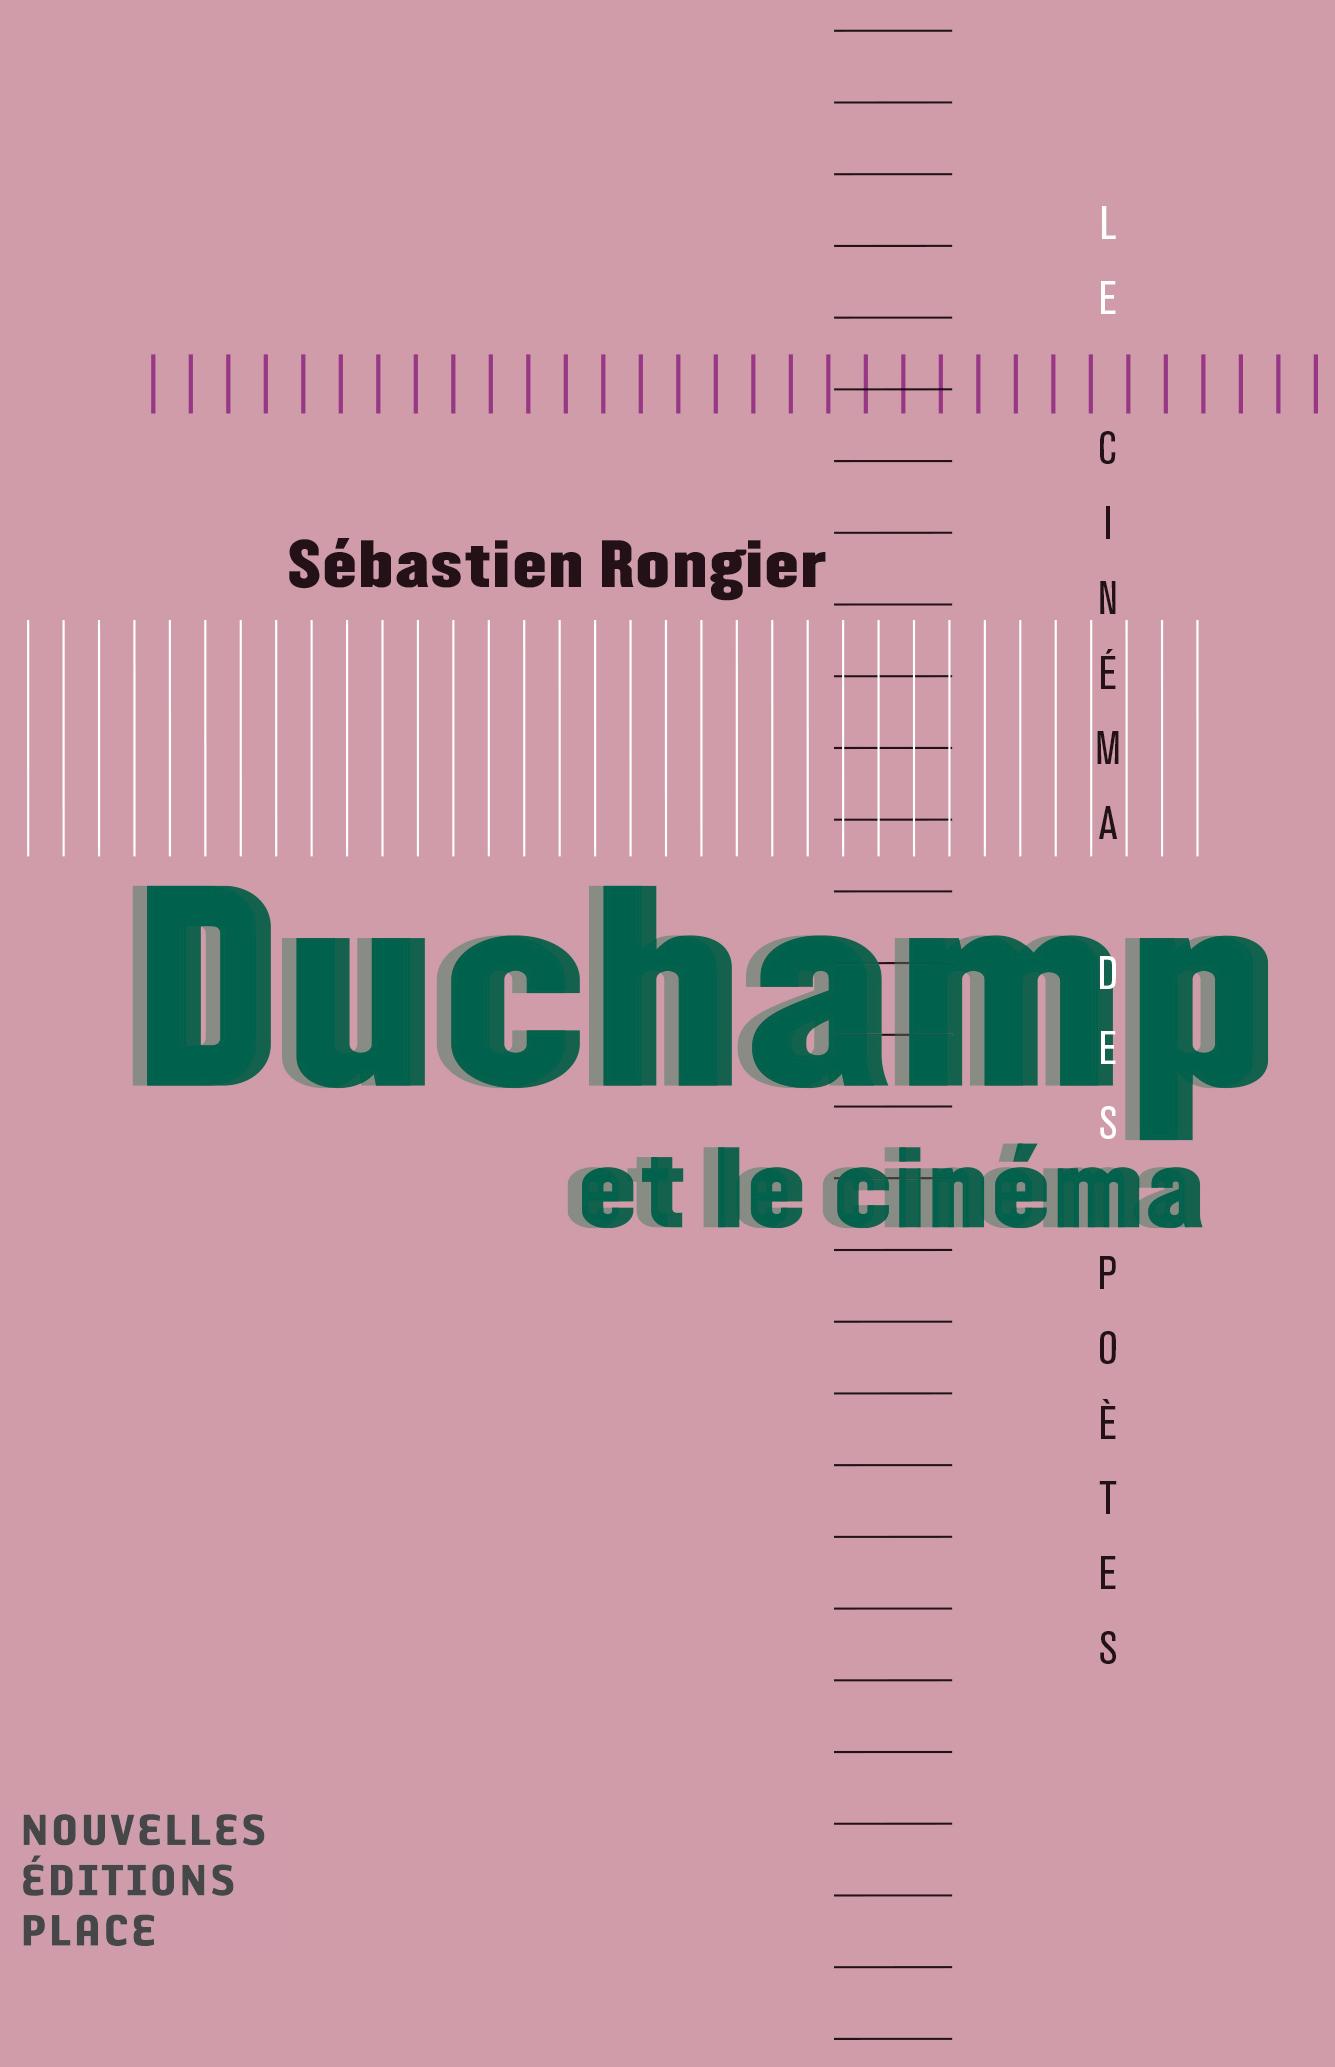 Duchamp et le cinéma Collection « Le cinéma des poètes » Les nouvelles éditions Jean-Michel Place